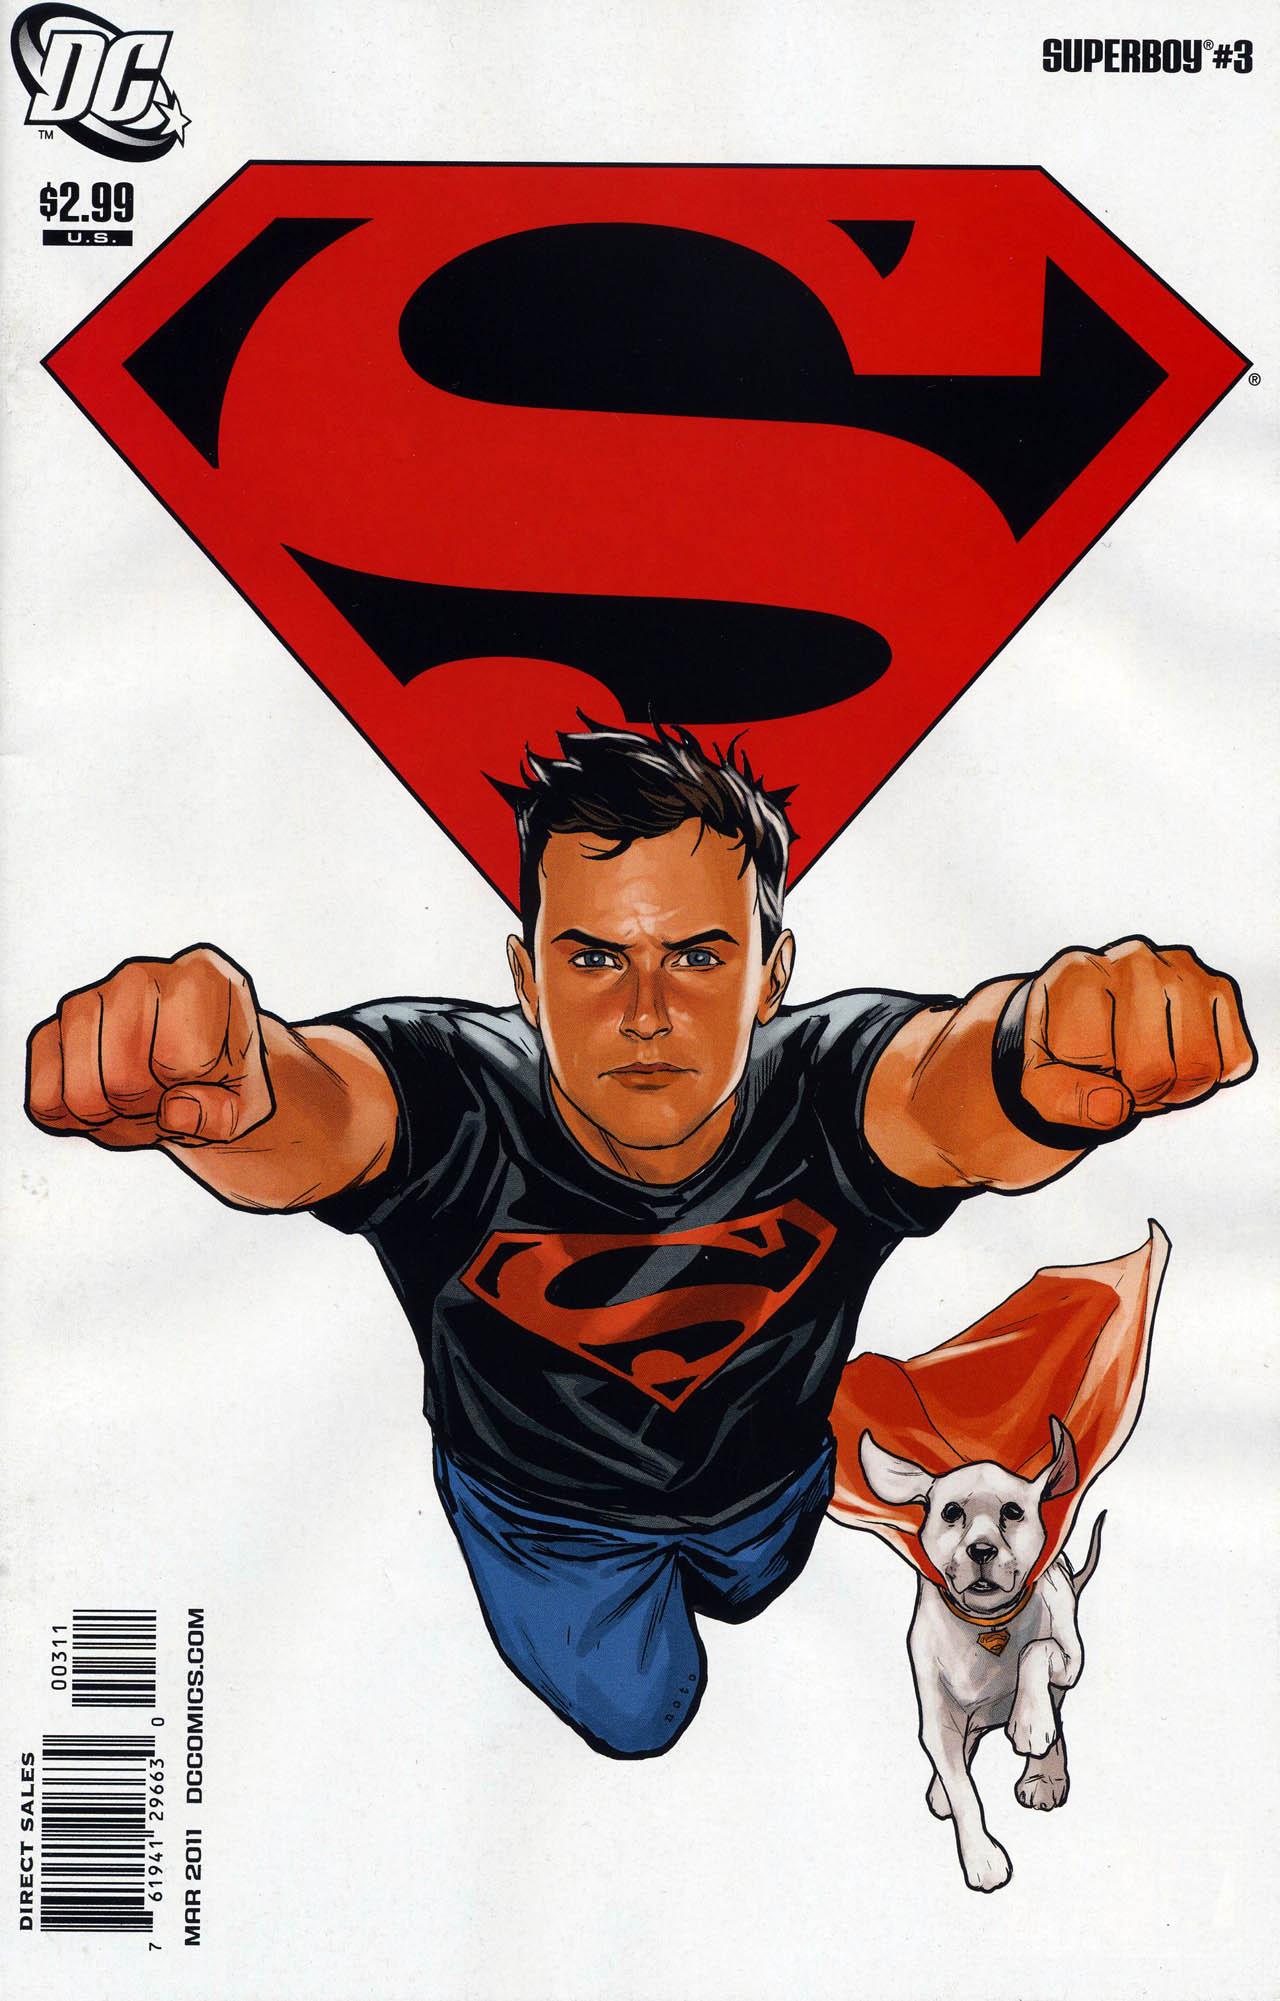 Images of Superboy | 1280x2001